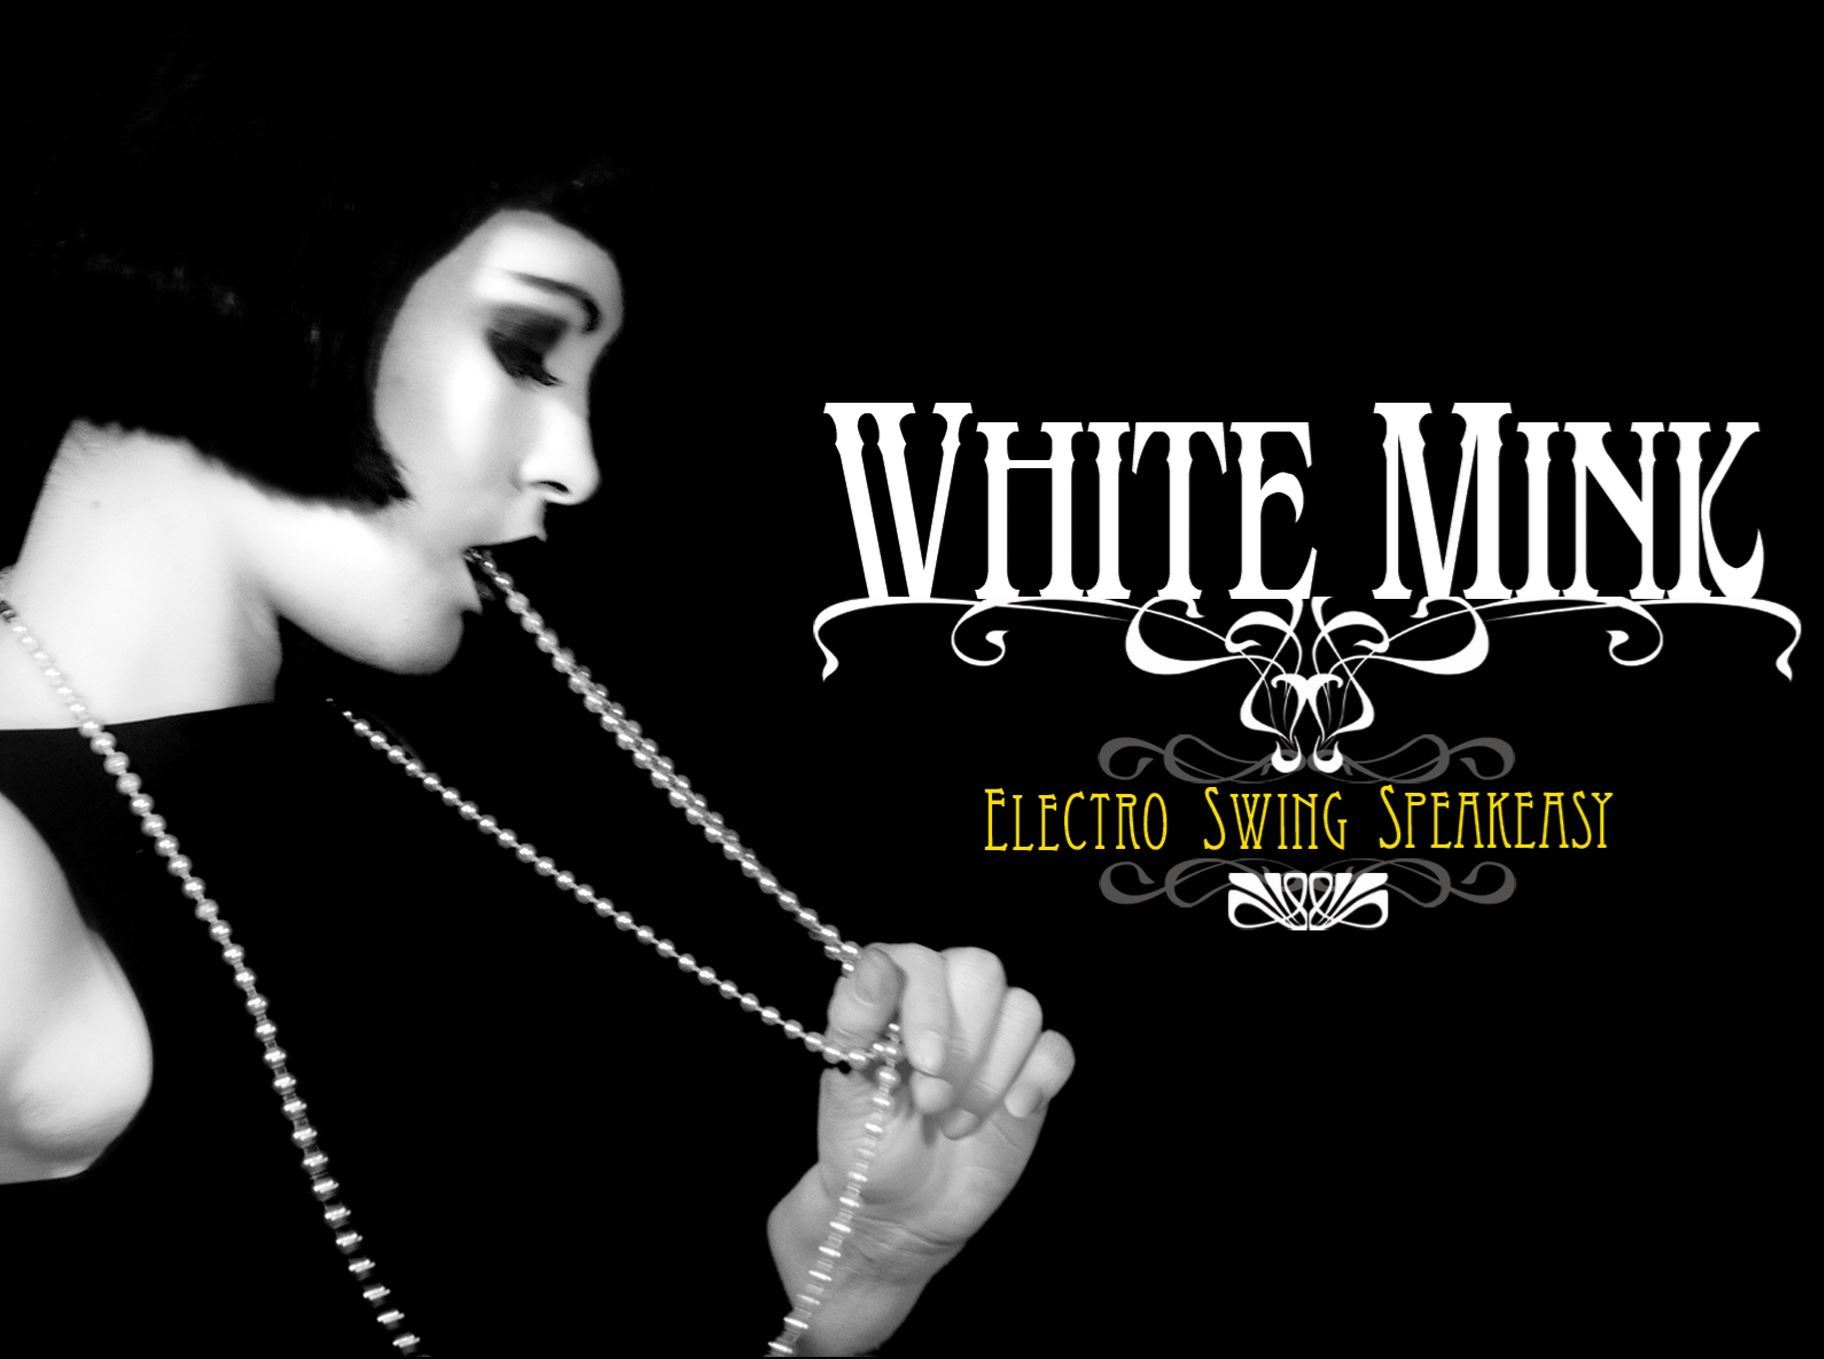 White Mink (Electro Swing) @ Babylon Lounge